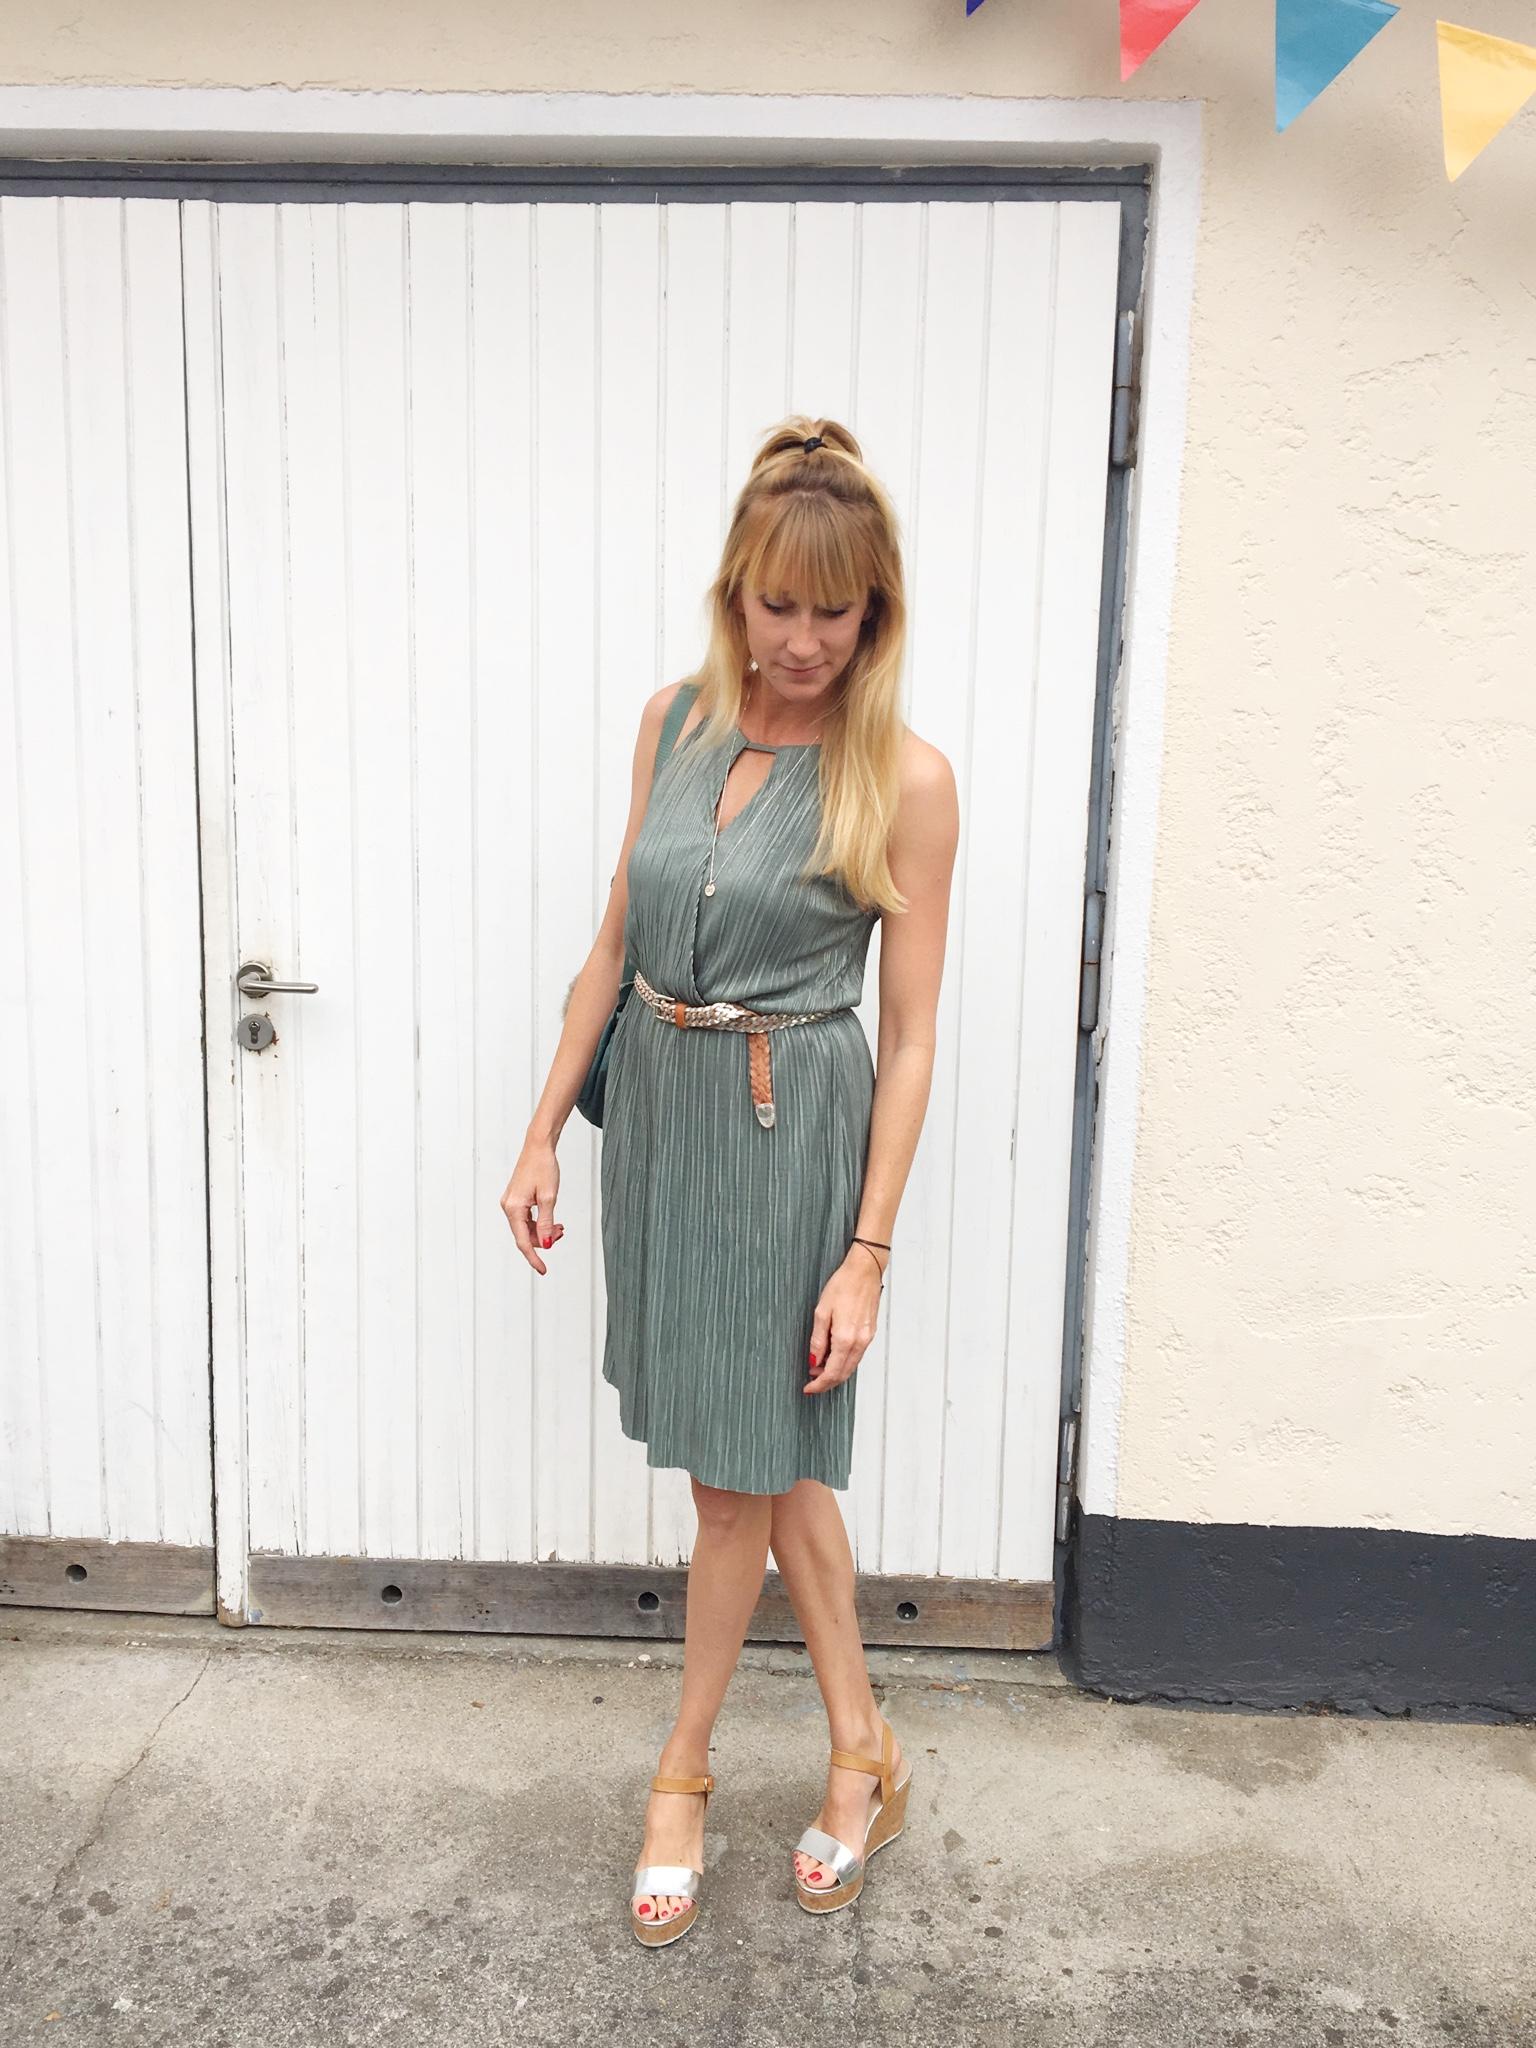 Sommerkleid im Metallic-Look, Metallic-Look, Kleid, Sommerkleid, Pliseekleid, Mamablog, Modeblog, Mamainstyle, Modemama